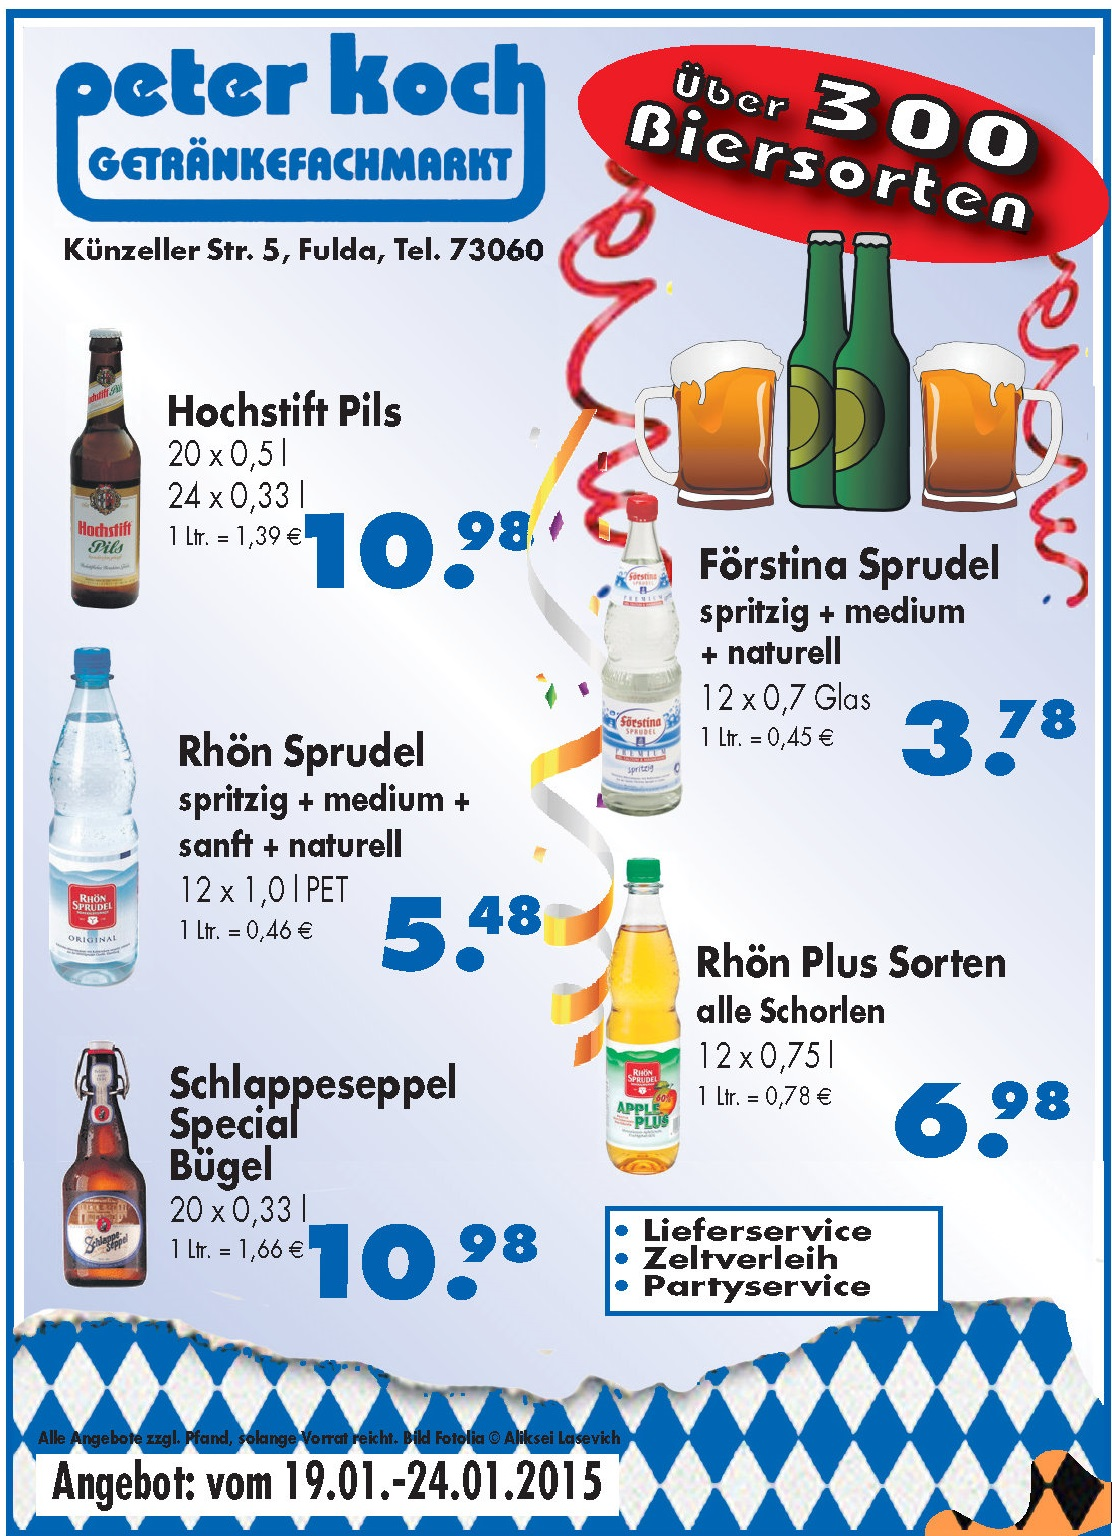 Angebote von 19.01 – 24.01.2015 | Peter Koch, Getränkefachmarkt ...